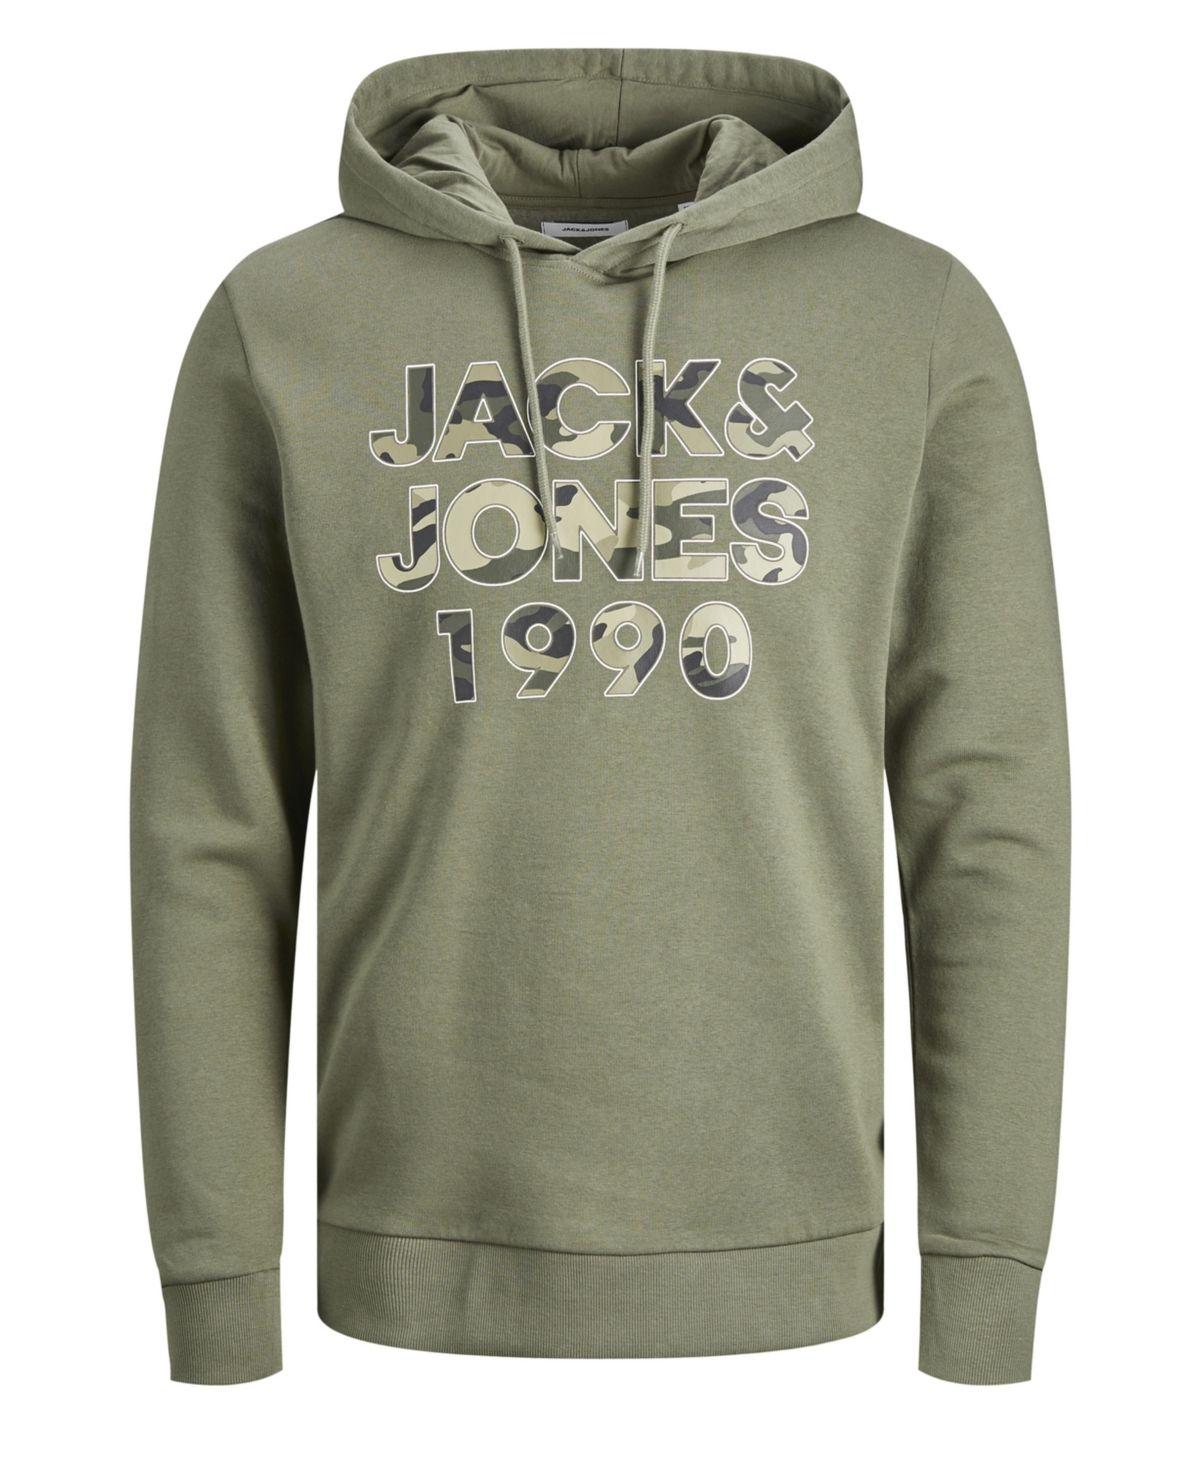 Jack Jones Men S Hoodie Sweatshirt Olive In 2021 Mens Sweatshirts Hoodie Hoodies Sweatshirts Hoodie [ 1466 x 1200 Pixel ]